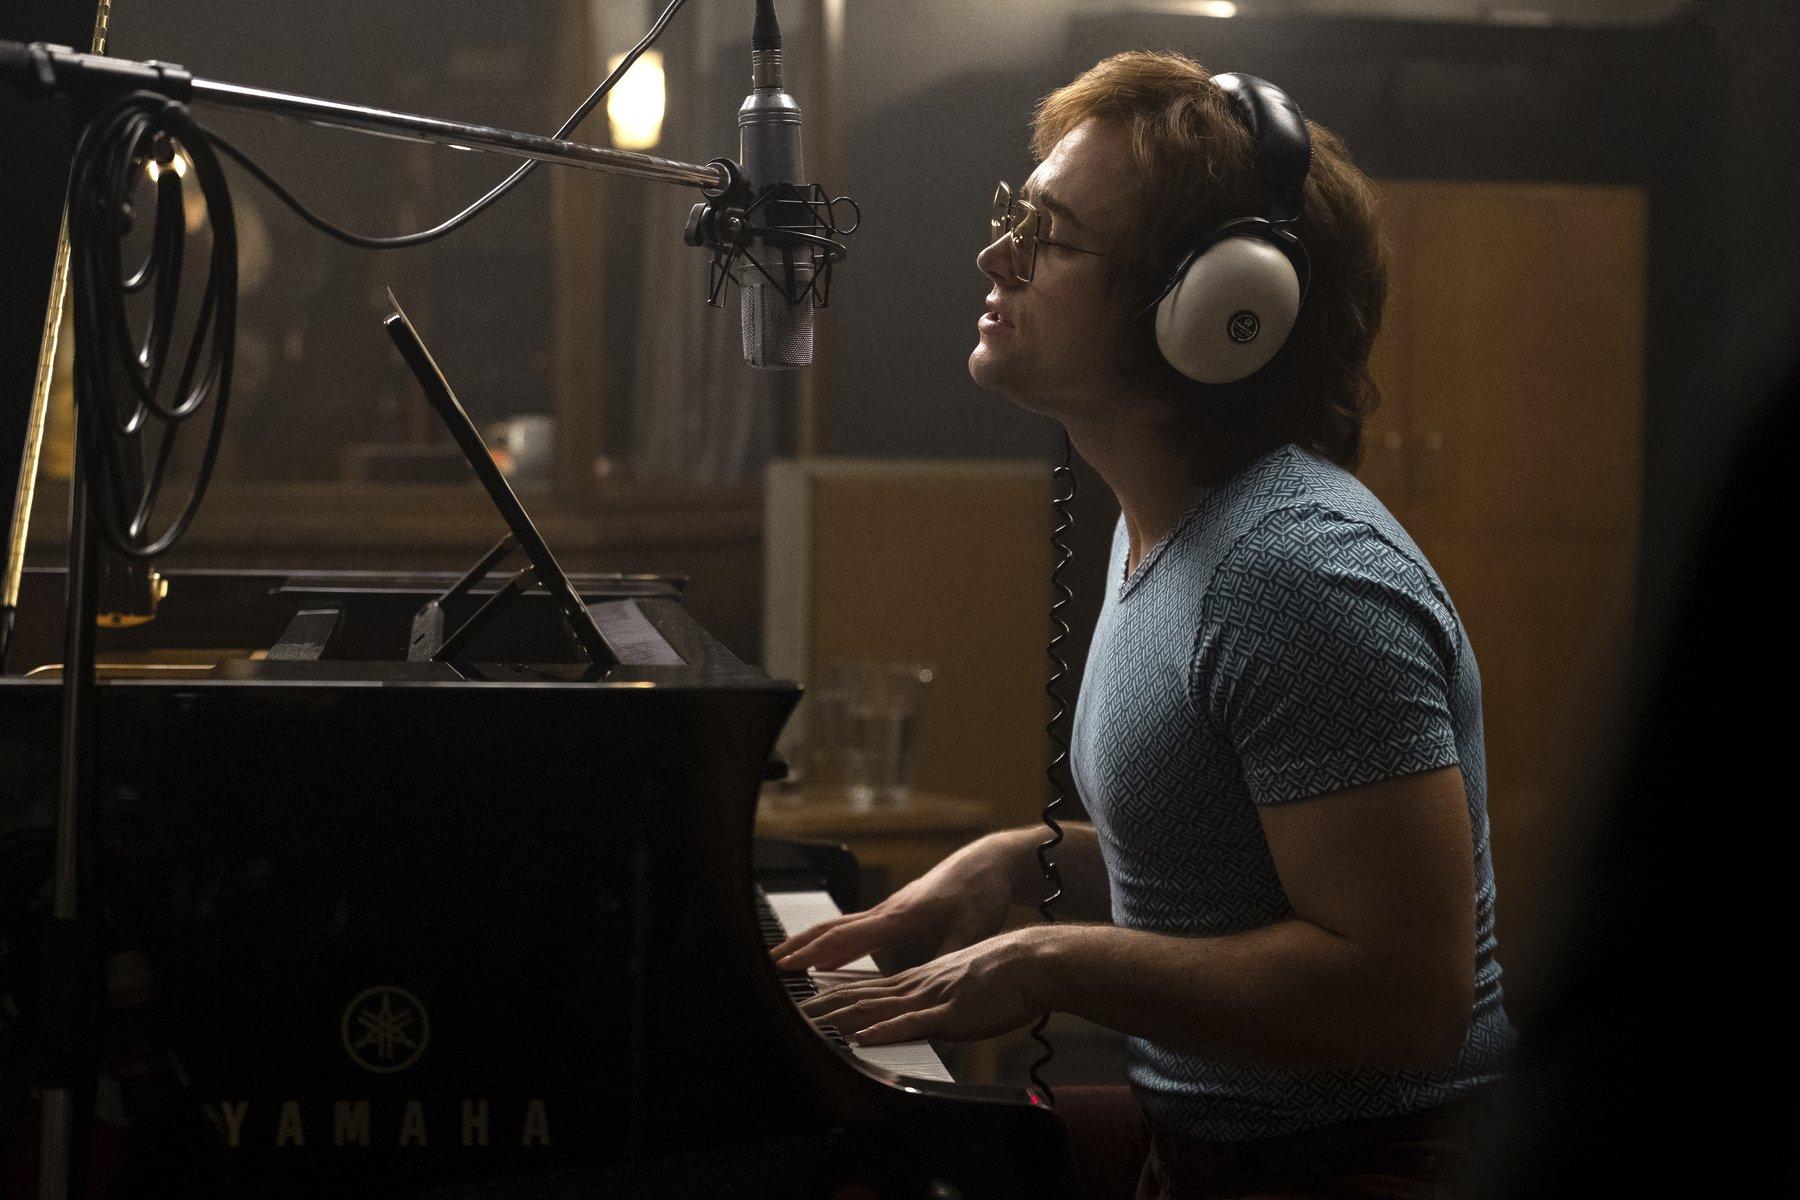 tagon egerton playing piano as elton john movie images 2019